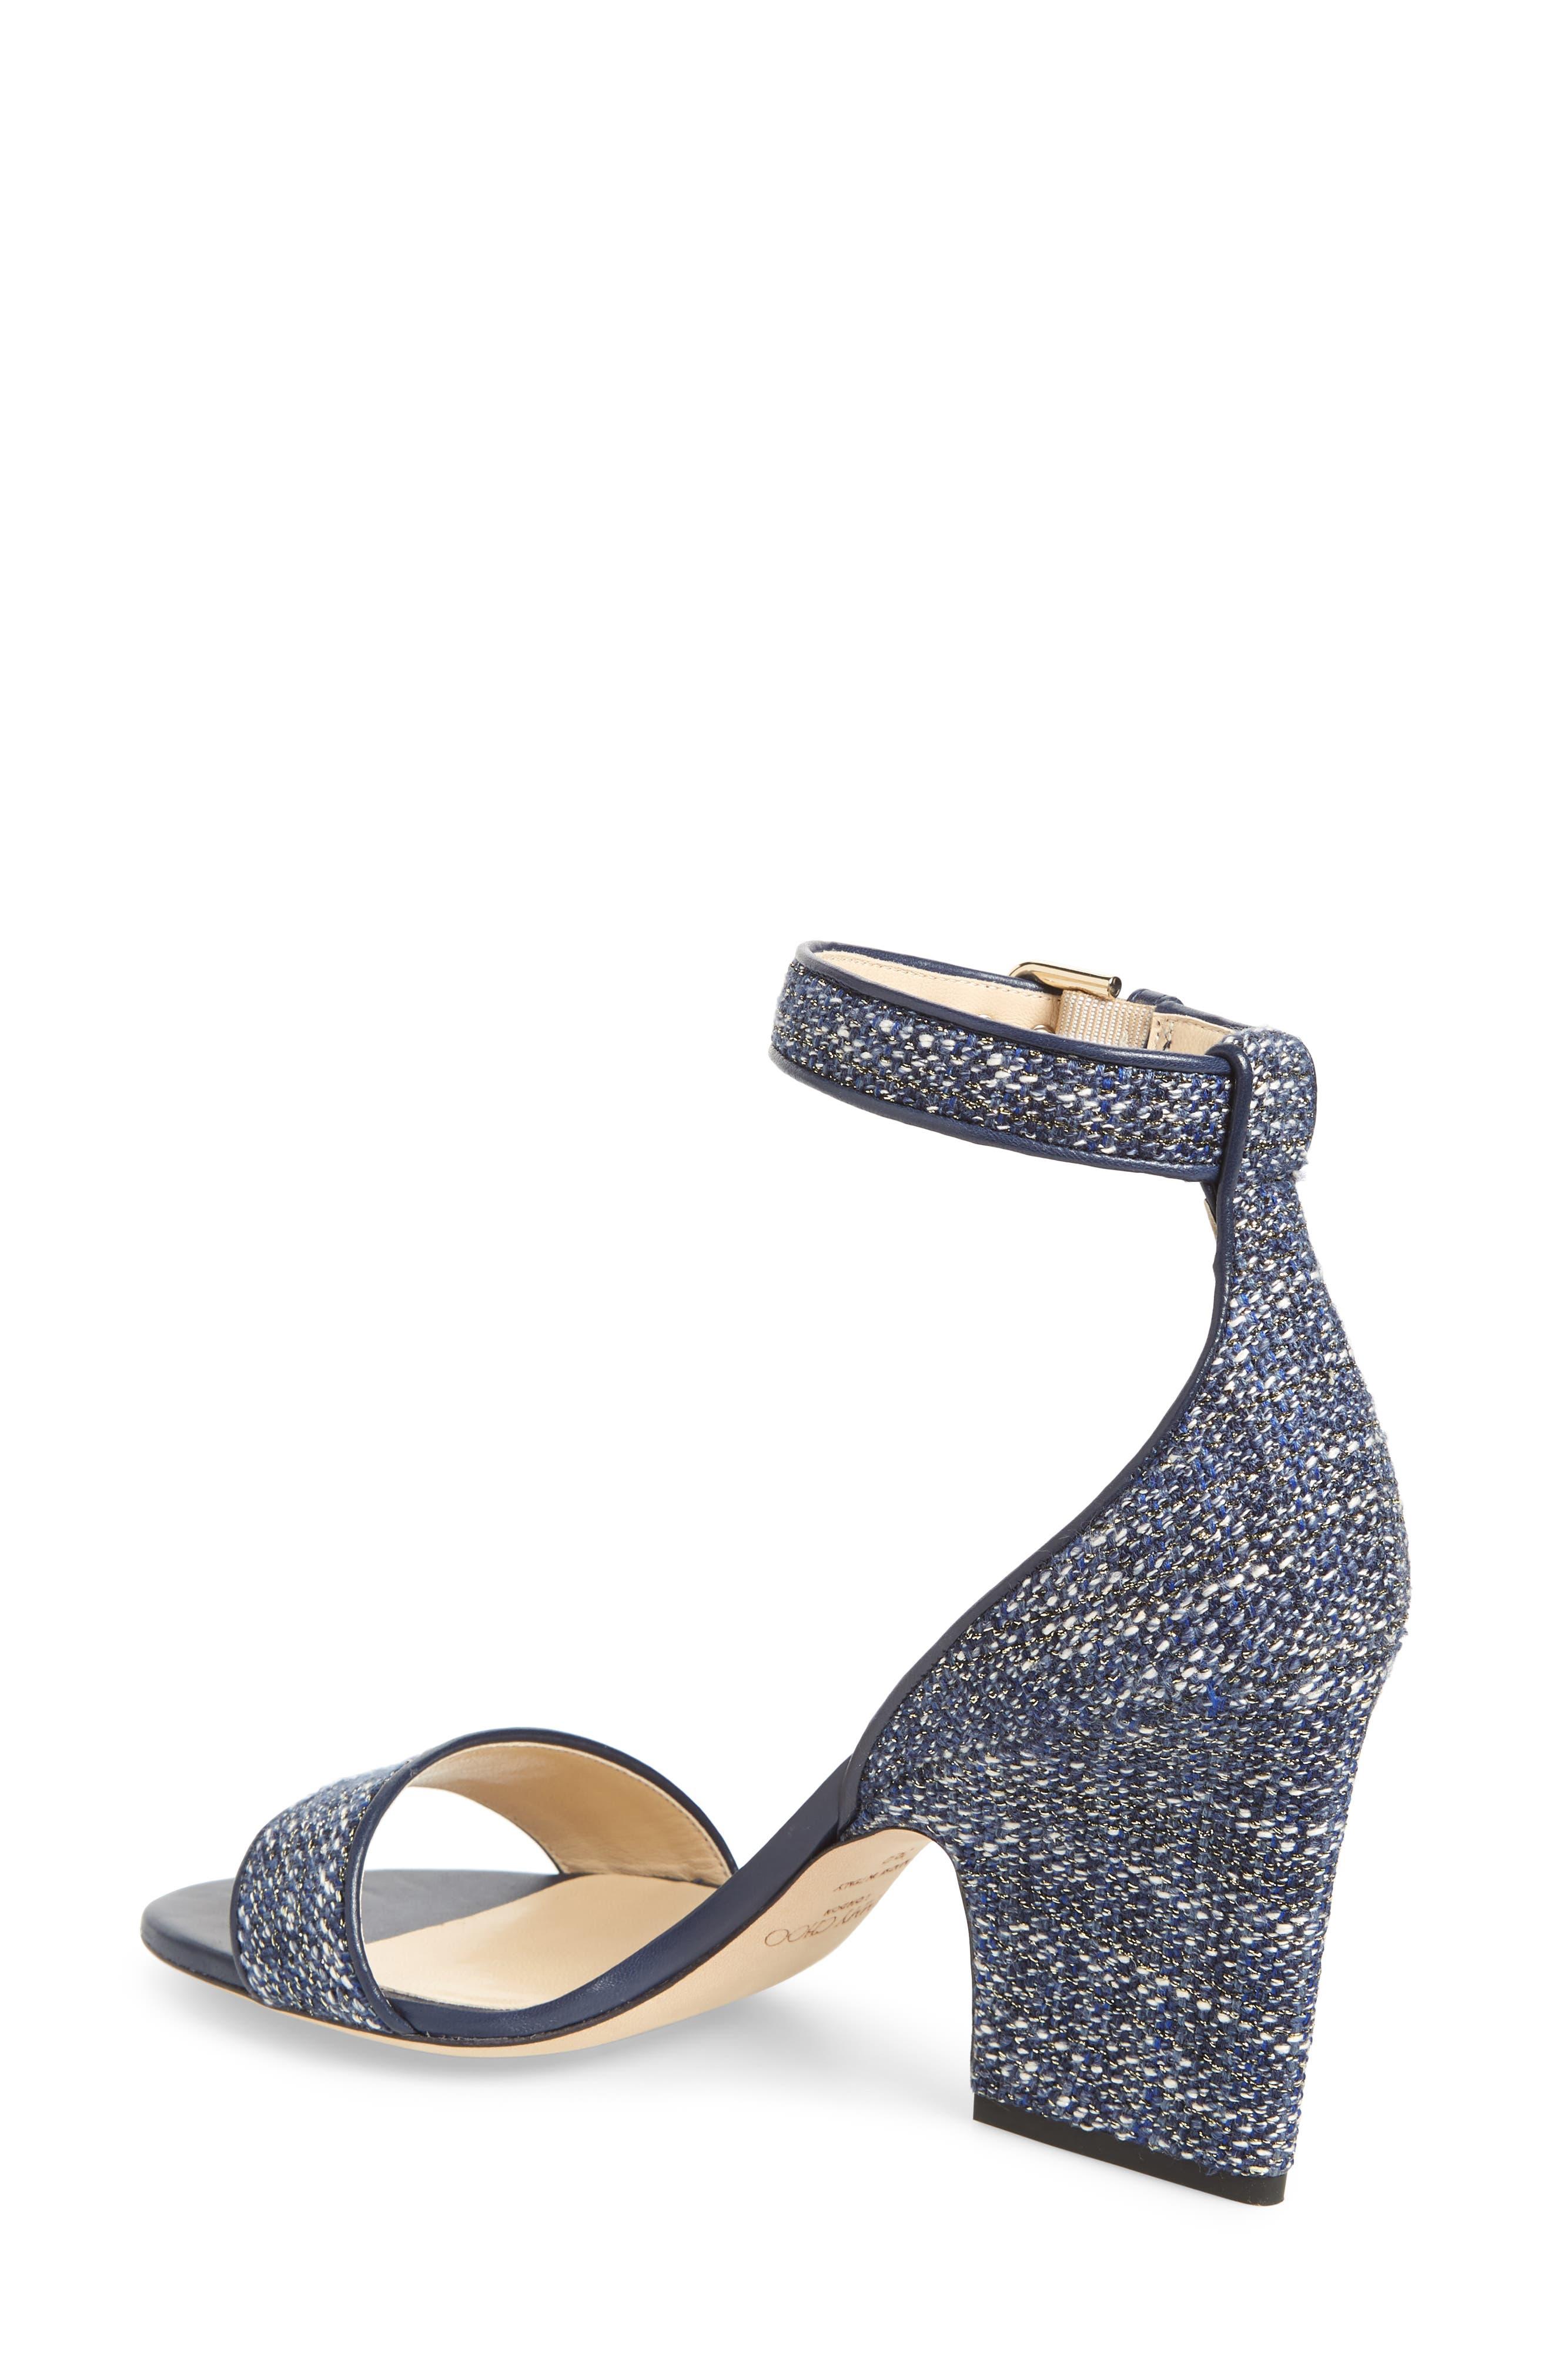 Edina Ankle Strap Sandal,                             Alternate thumbnail 2, color,                             NAVY GLITTER